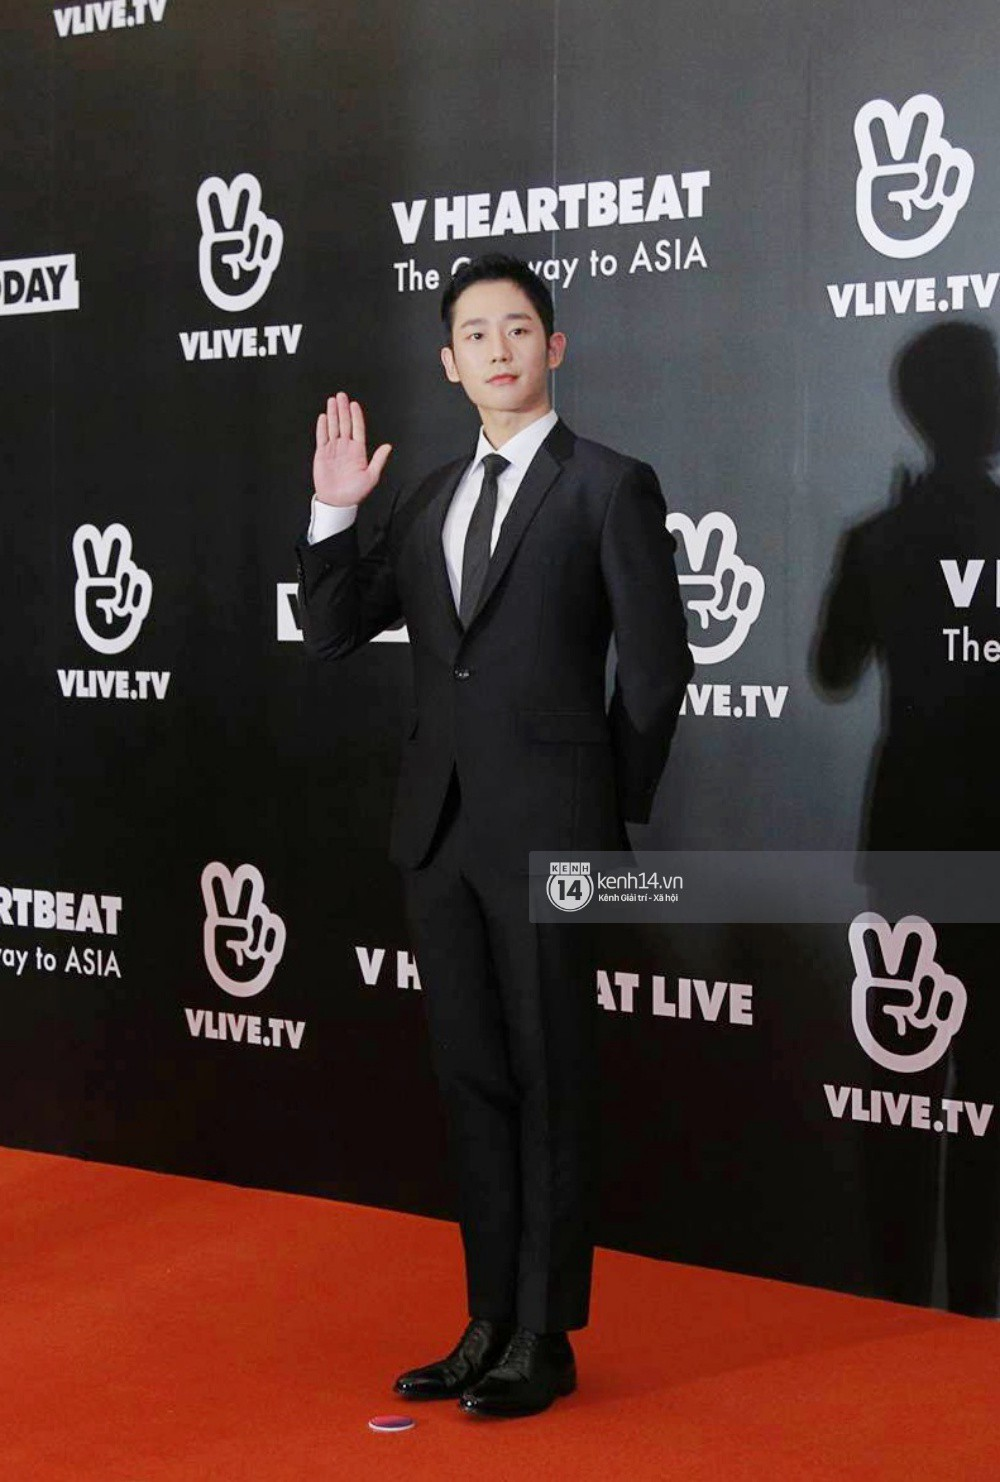 Thảm đỏ đêm nhạc Hàn-Việt: Jung Hae In, WINNER đẹp trai cực phẩm, Chi Pu và Hòa Minzy đọ sắc cùng loạt sao Việt - Ảnh 1.